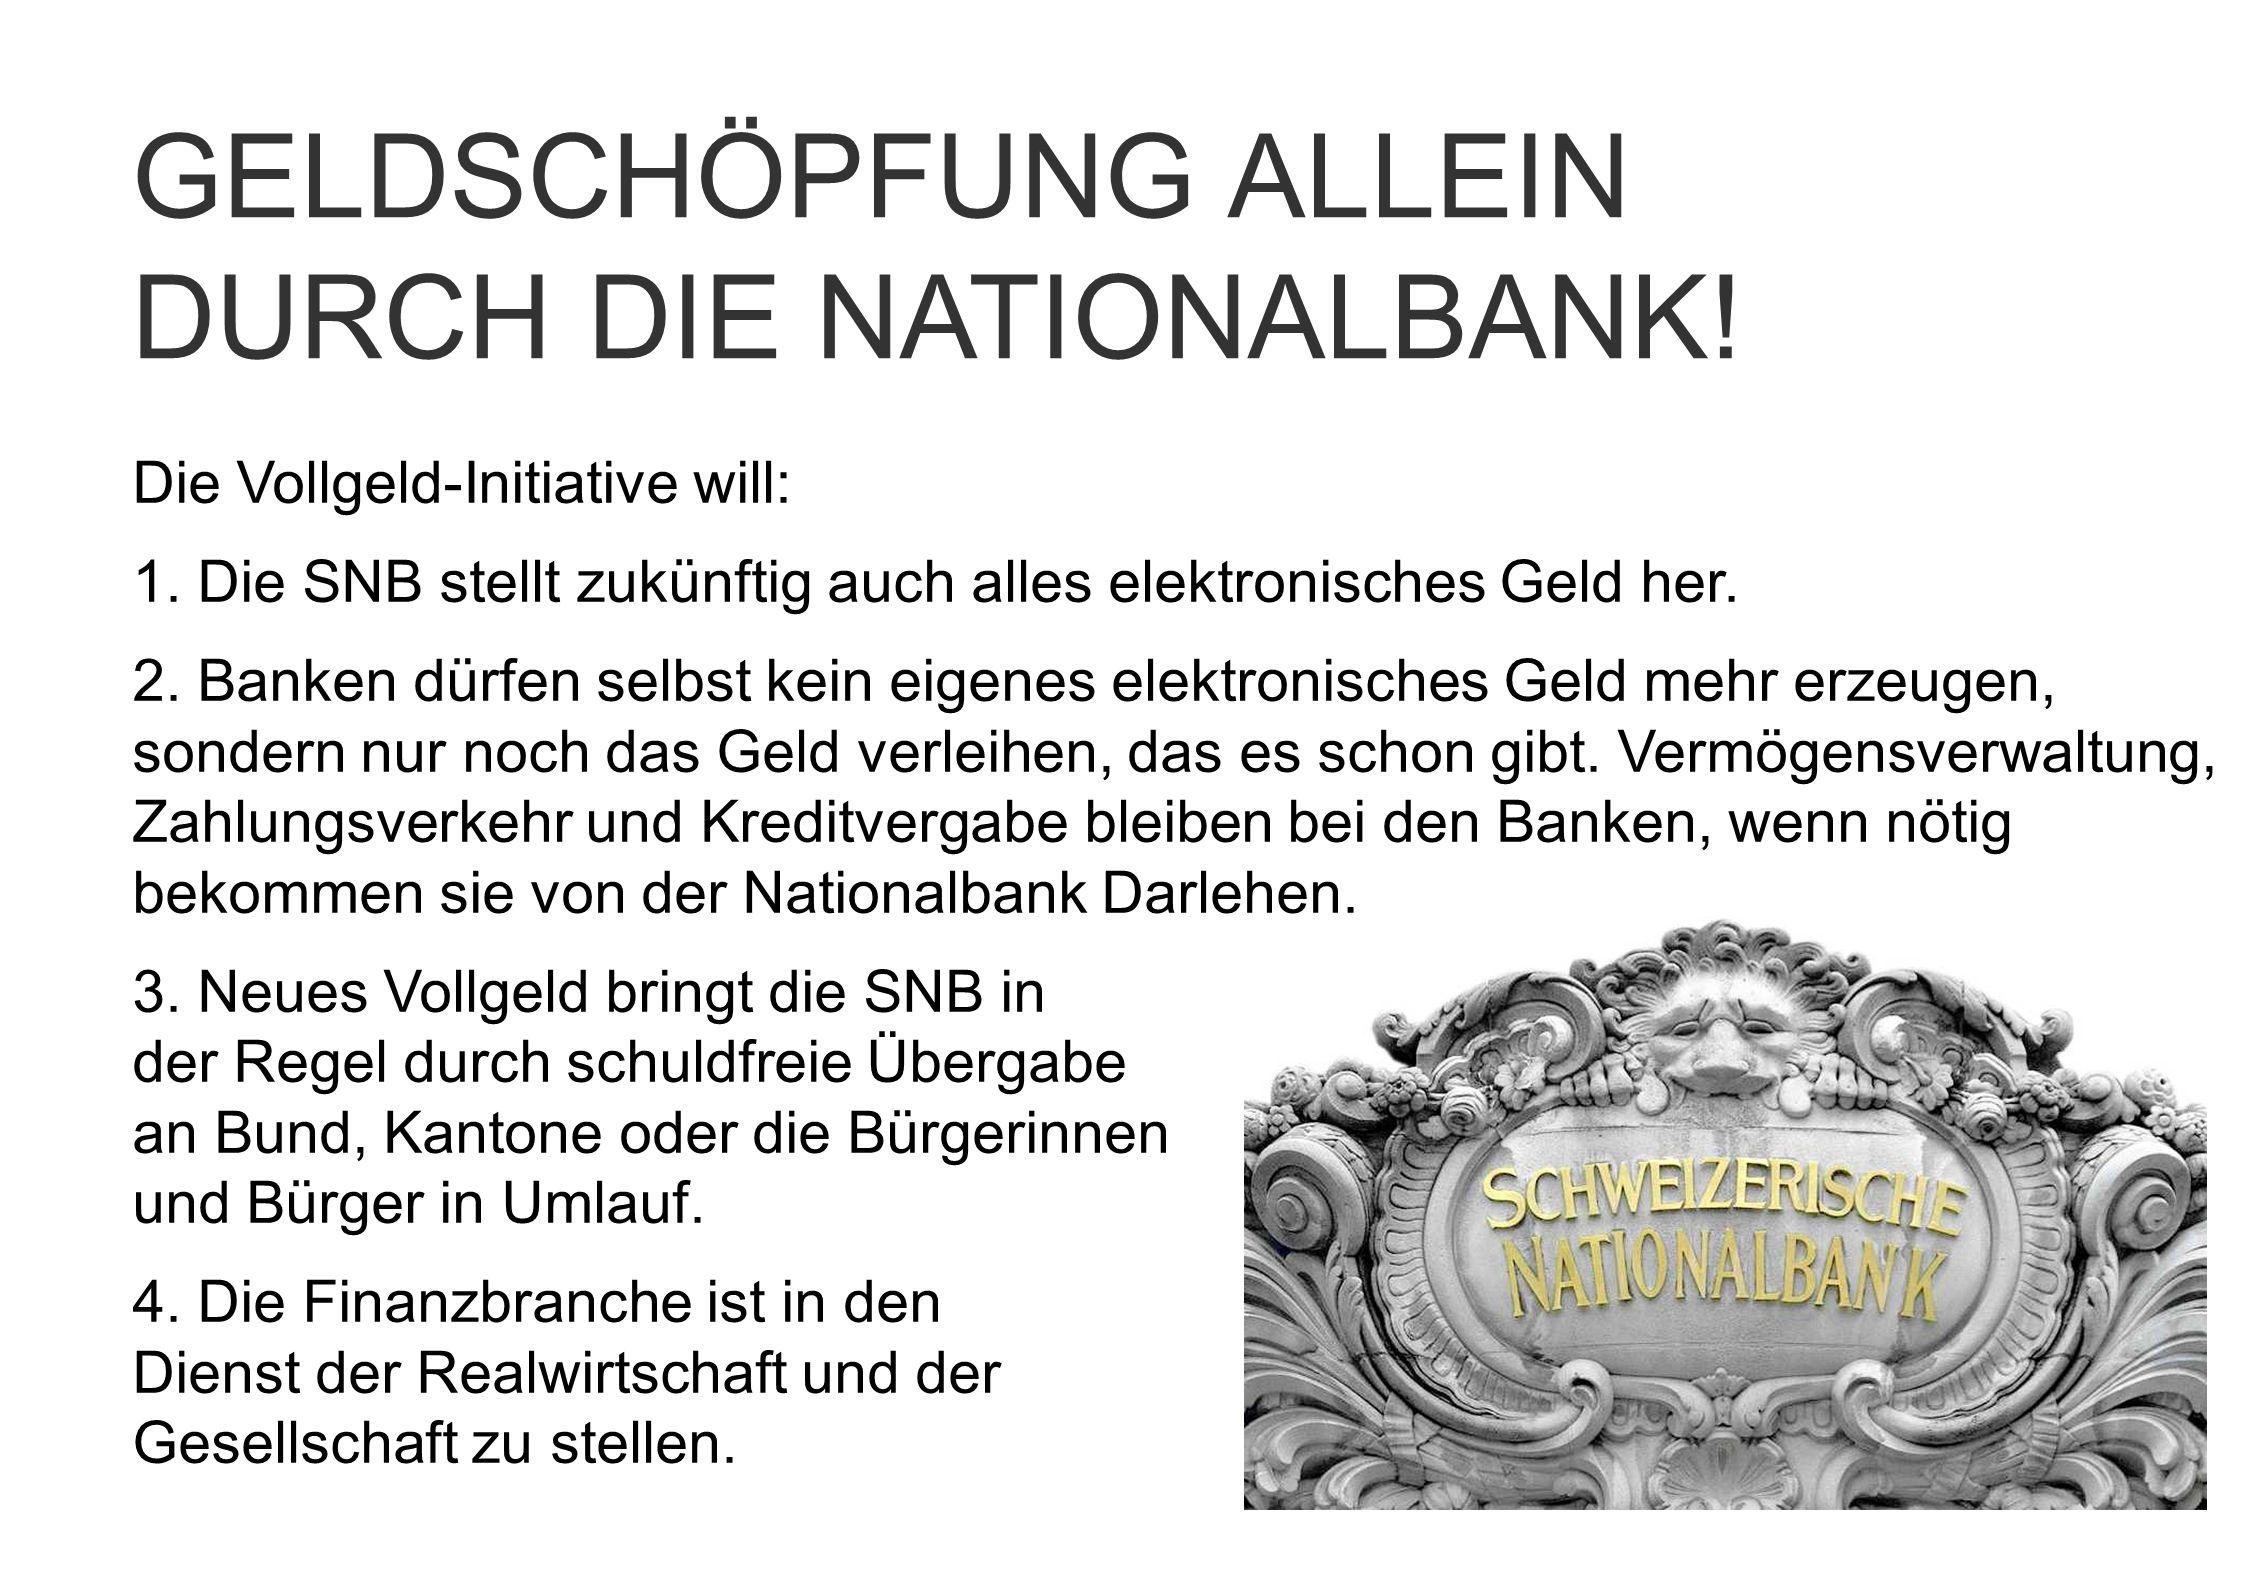 Die Vollgeld-Initiative will: 1. Die SNB stellt zukünftig auch alles elektronisches Geld her. 2. Banken dürfen selbst kein eigenes elektronisches Geld